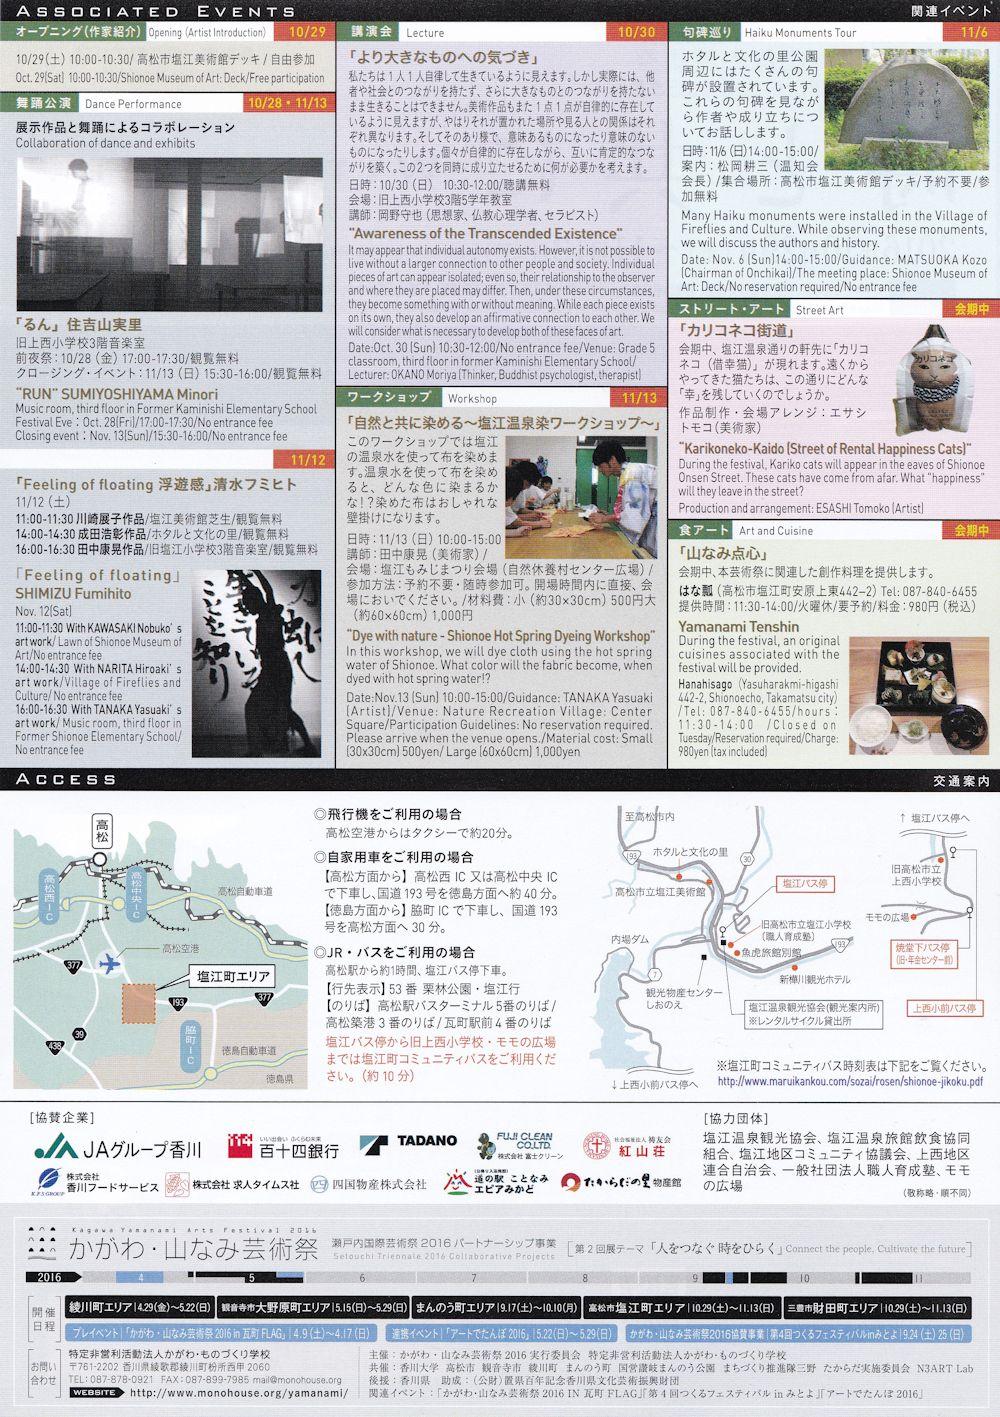 かがわ・山なみ芸術祭2016高松市塩江町エリア チラシ裏